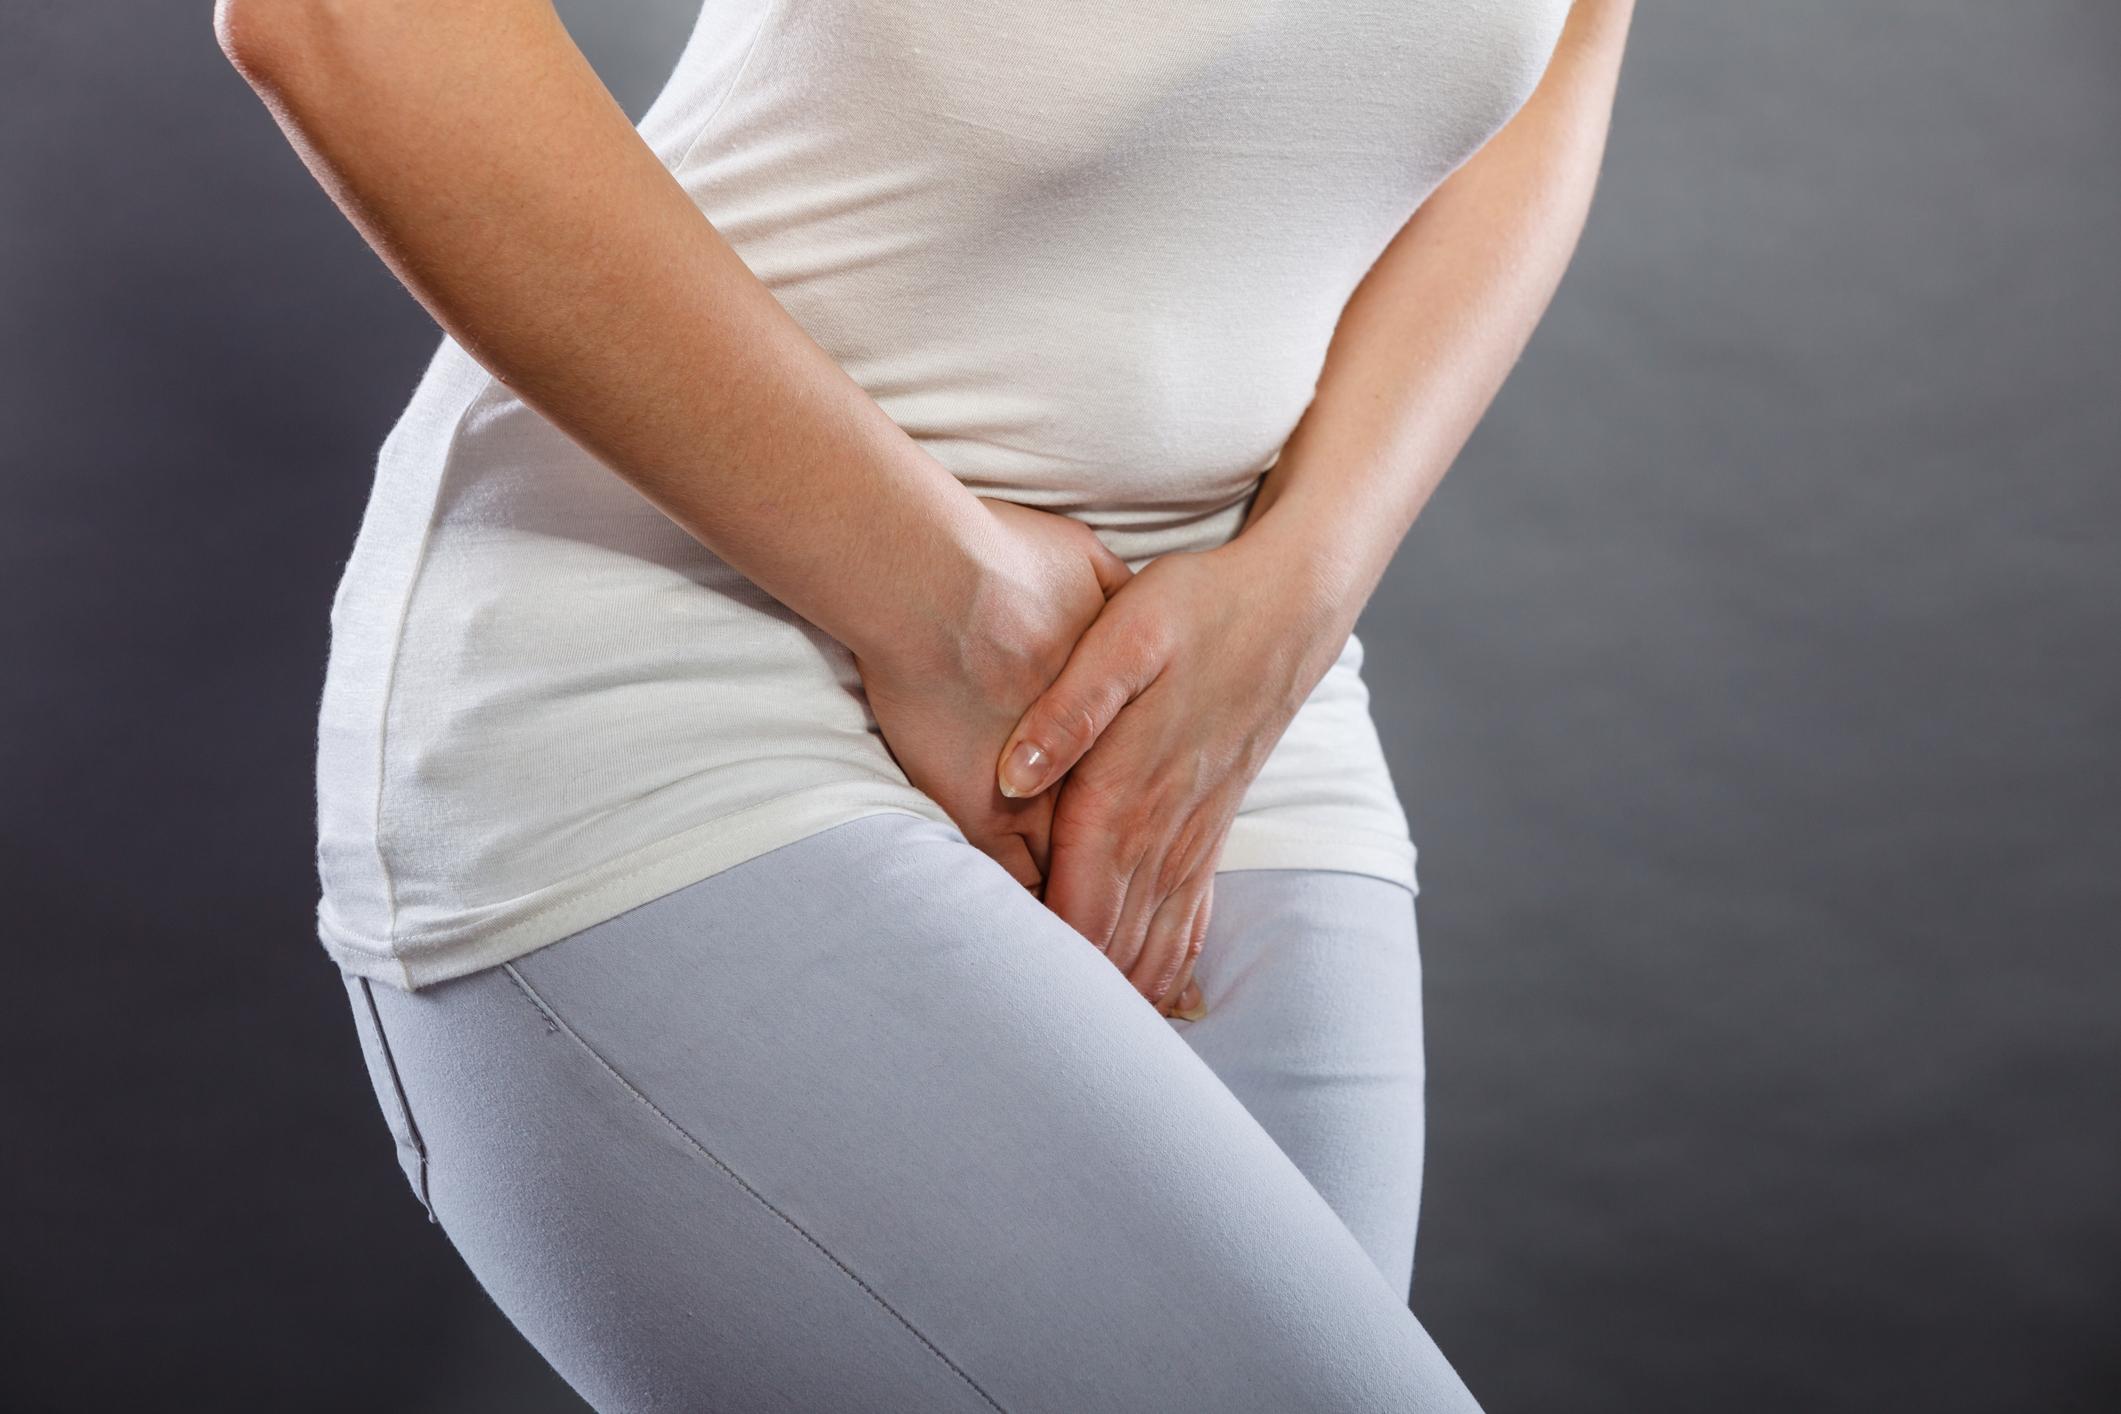 Quando se fala em infecções urinárias, logo nos vem à cabeça a saúde feminina. Isso se deve à anatomia feminina: uretra mais curta e mais próxima do ânus.